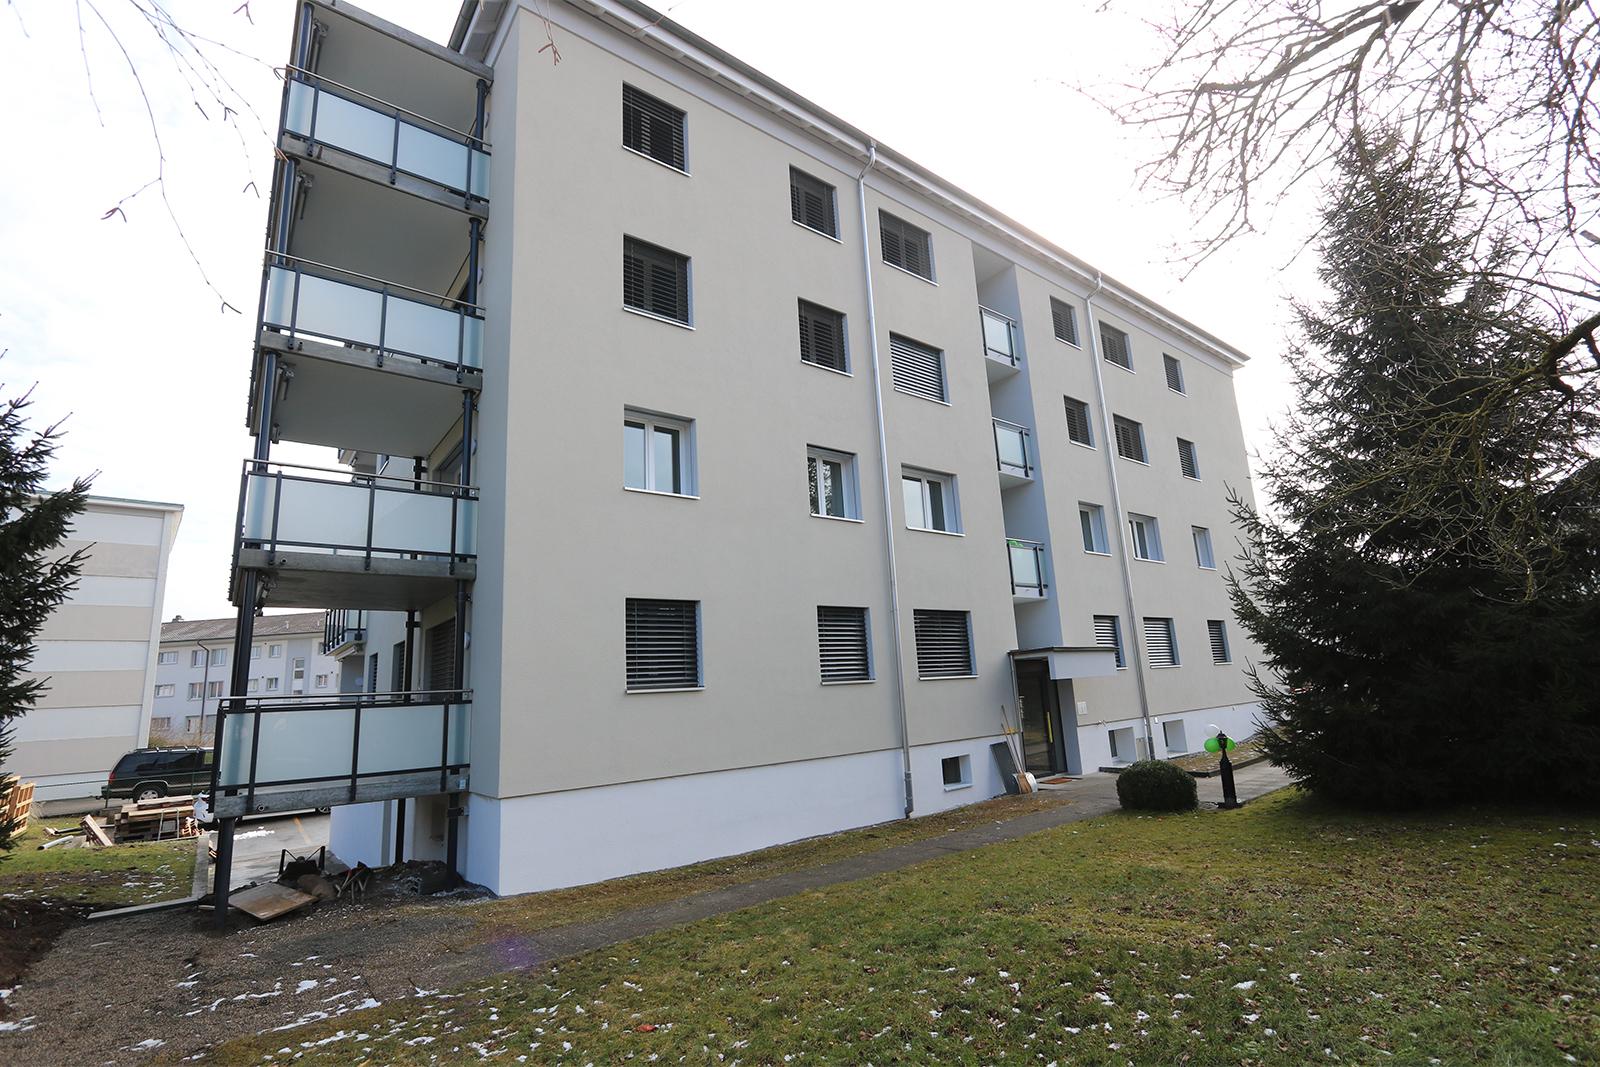 07 Interior Neufeldstrasse - n.S. Aussen 1